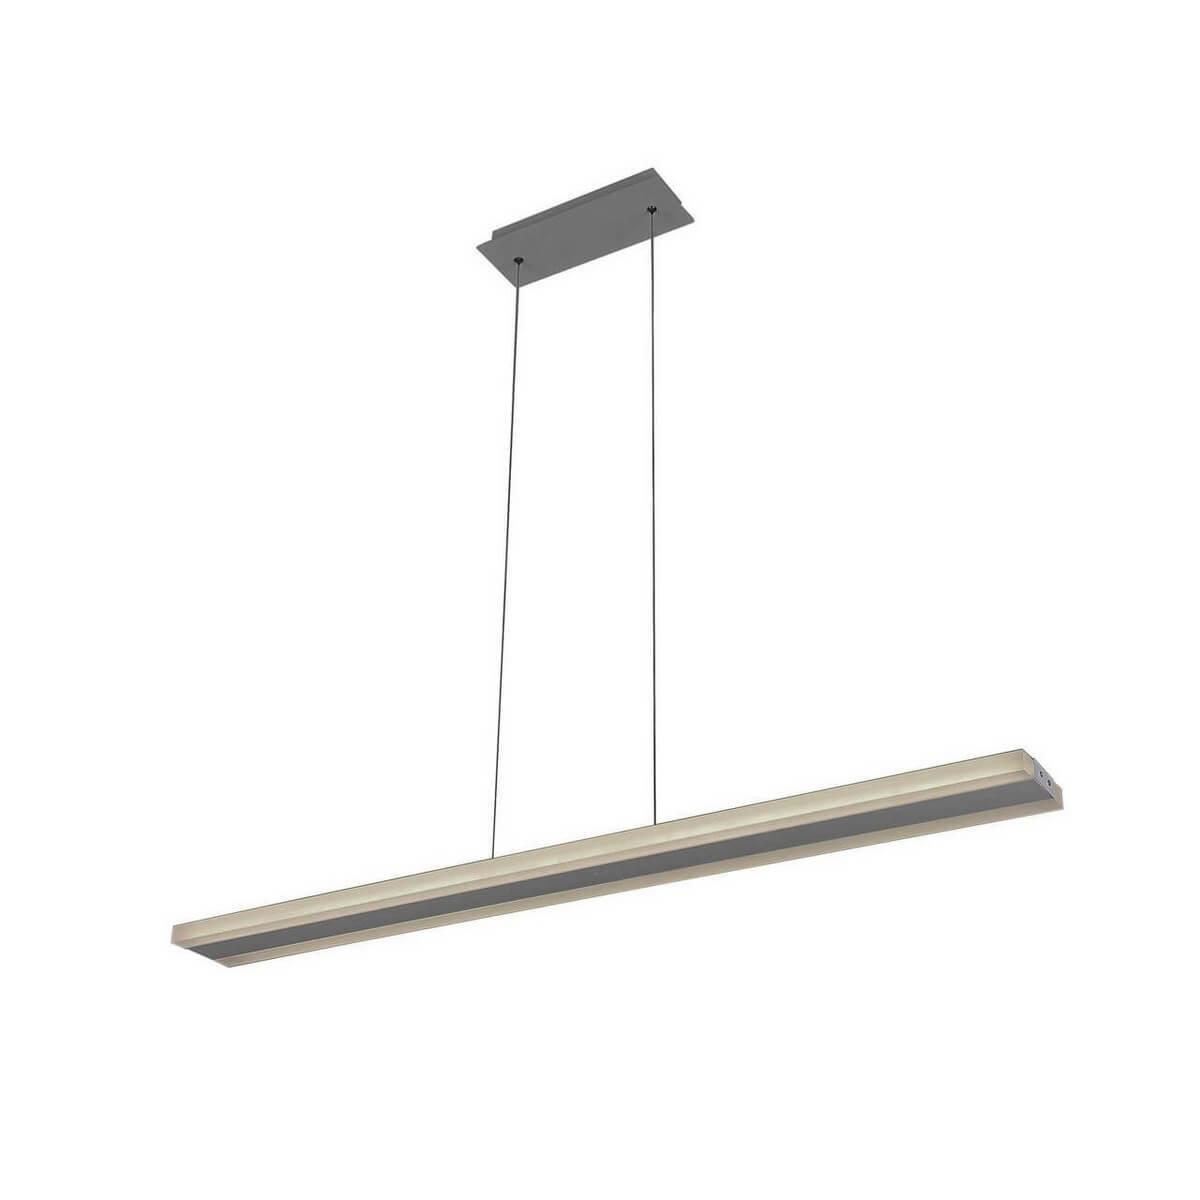 цены на Подвесной светильник Kink Light 08206(3000K), LED, 20 Вт  в интернет-магазинах